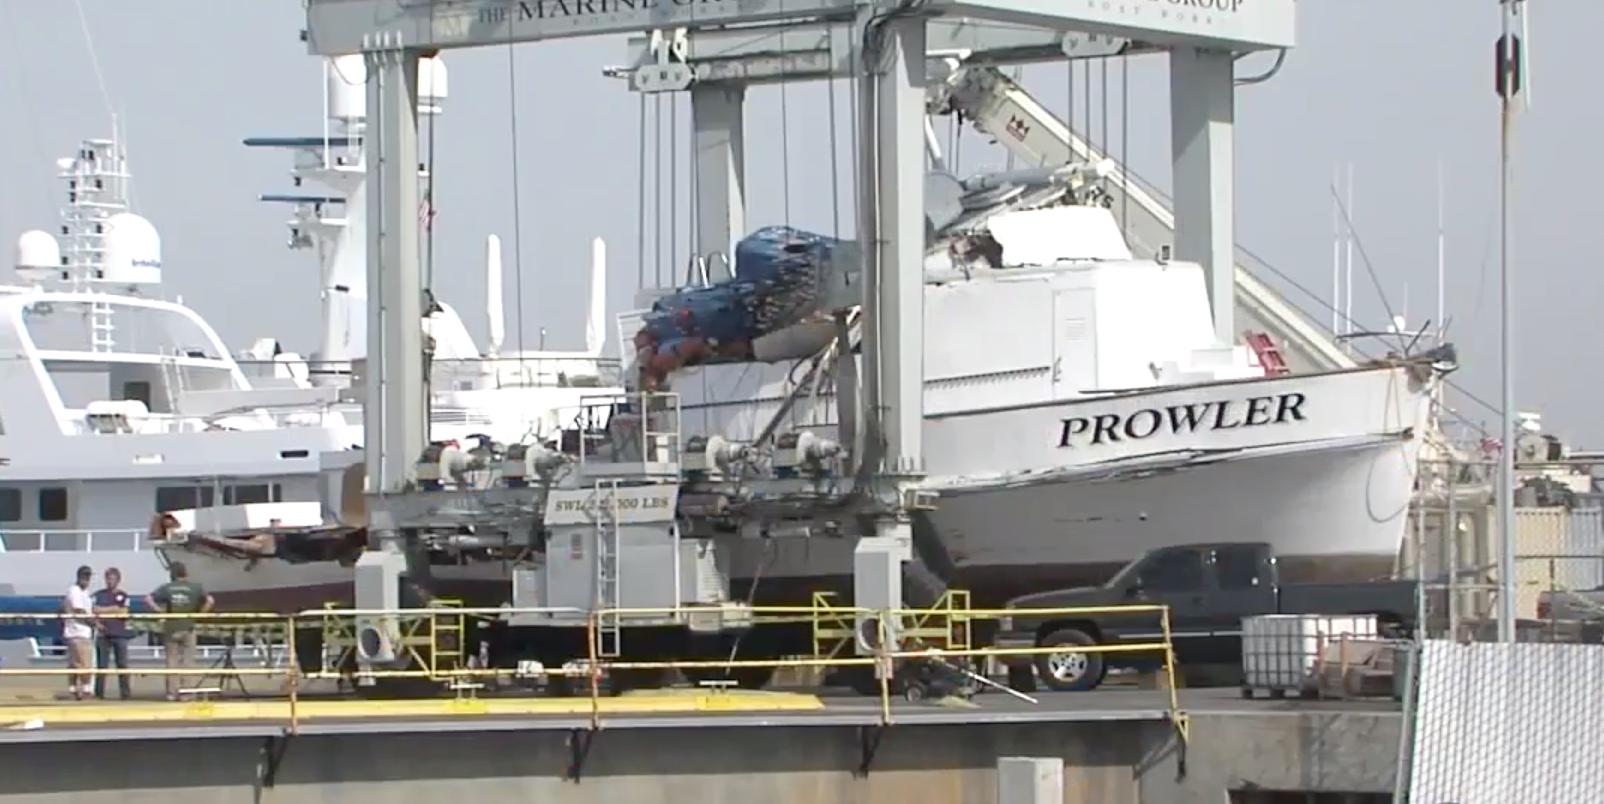 Coast Guard Investigates Why No Warning Before 332-Foot